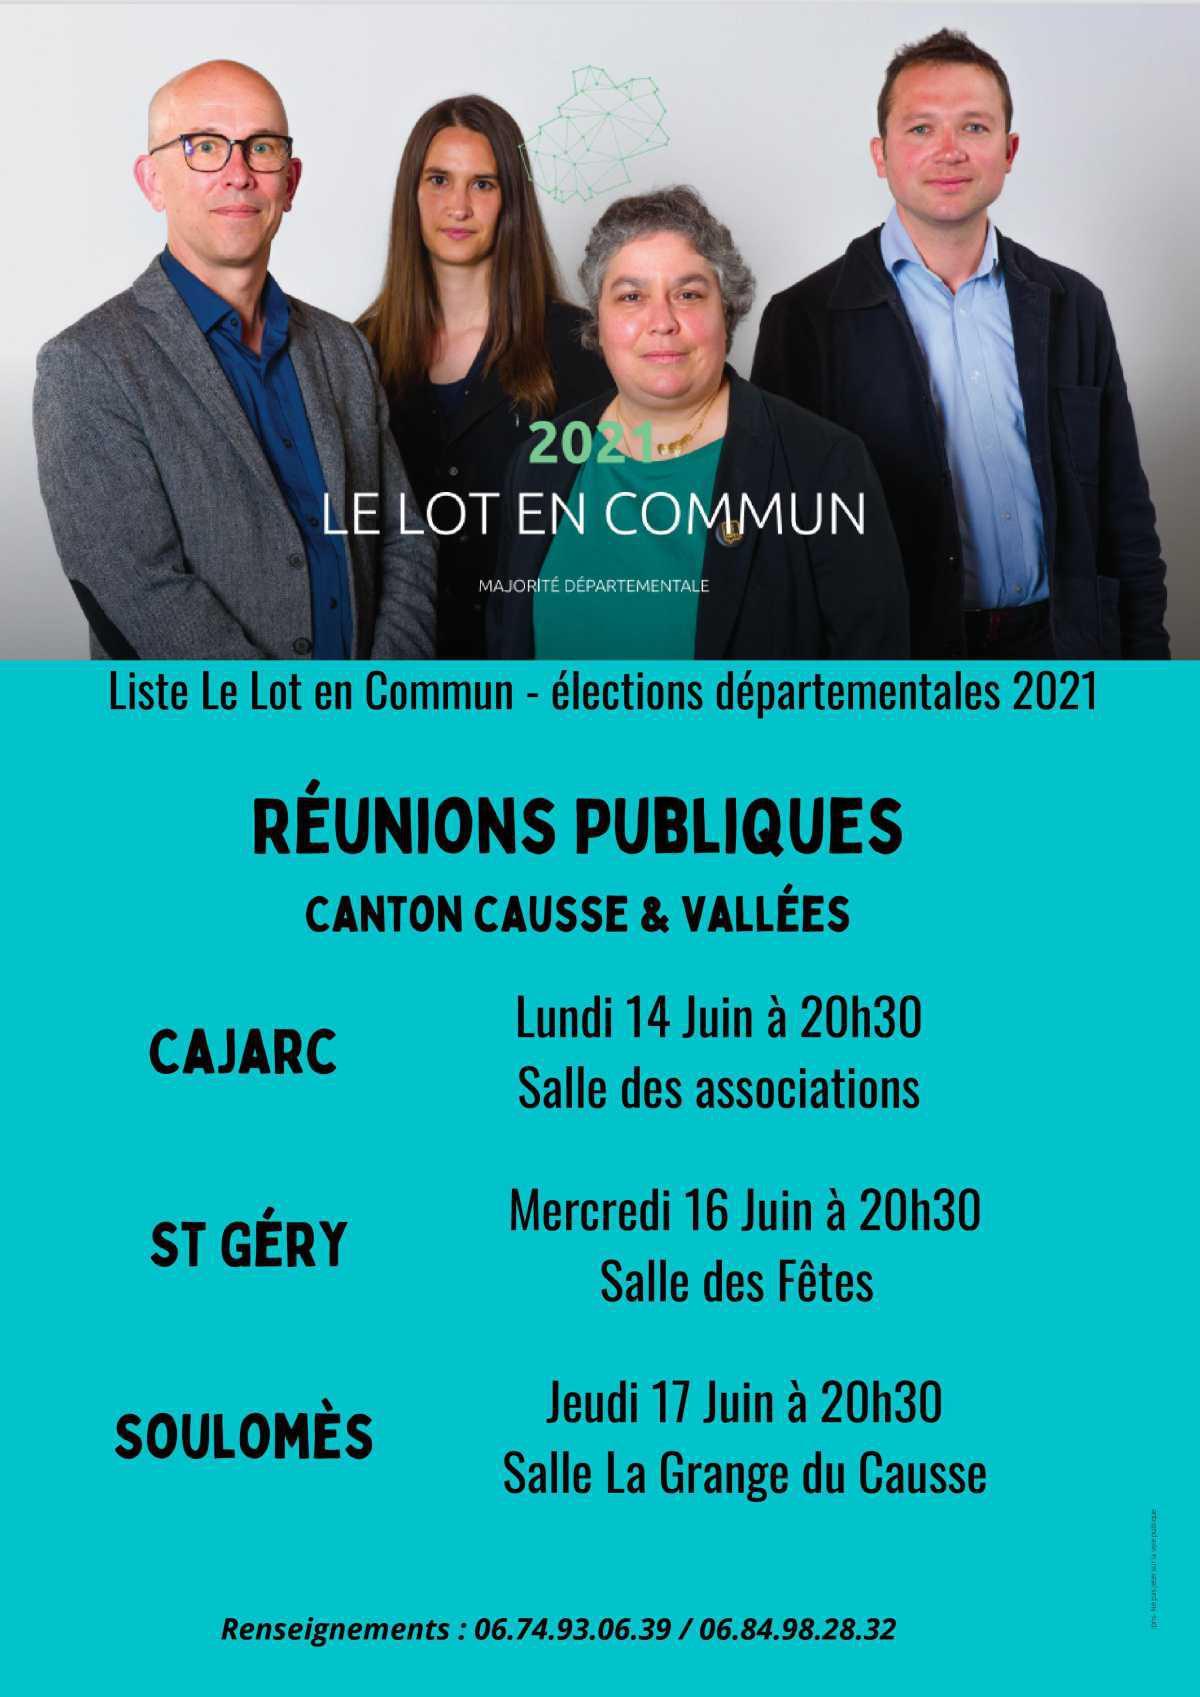 Élections départementales 2021 - programmes politique